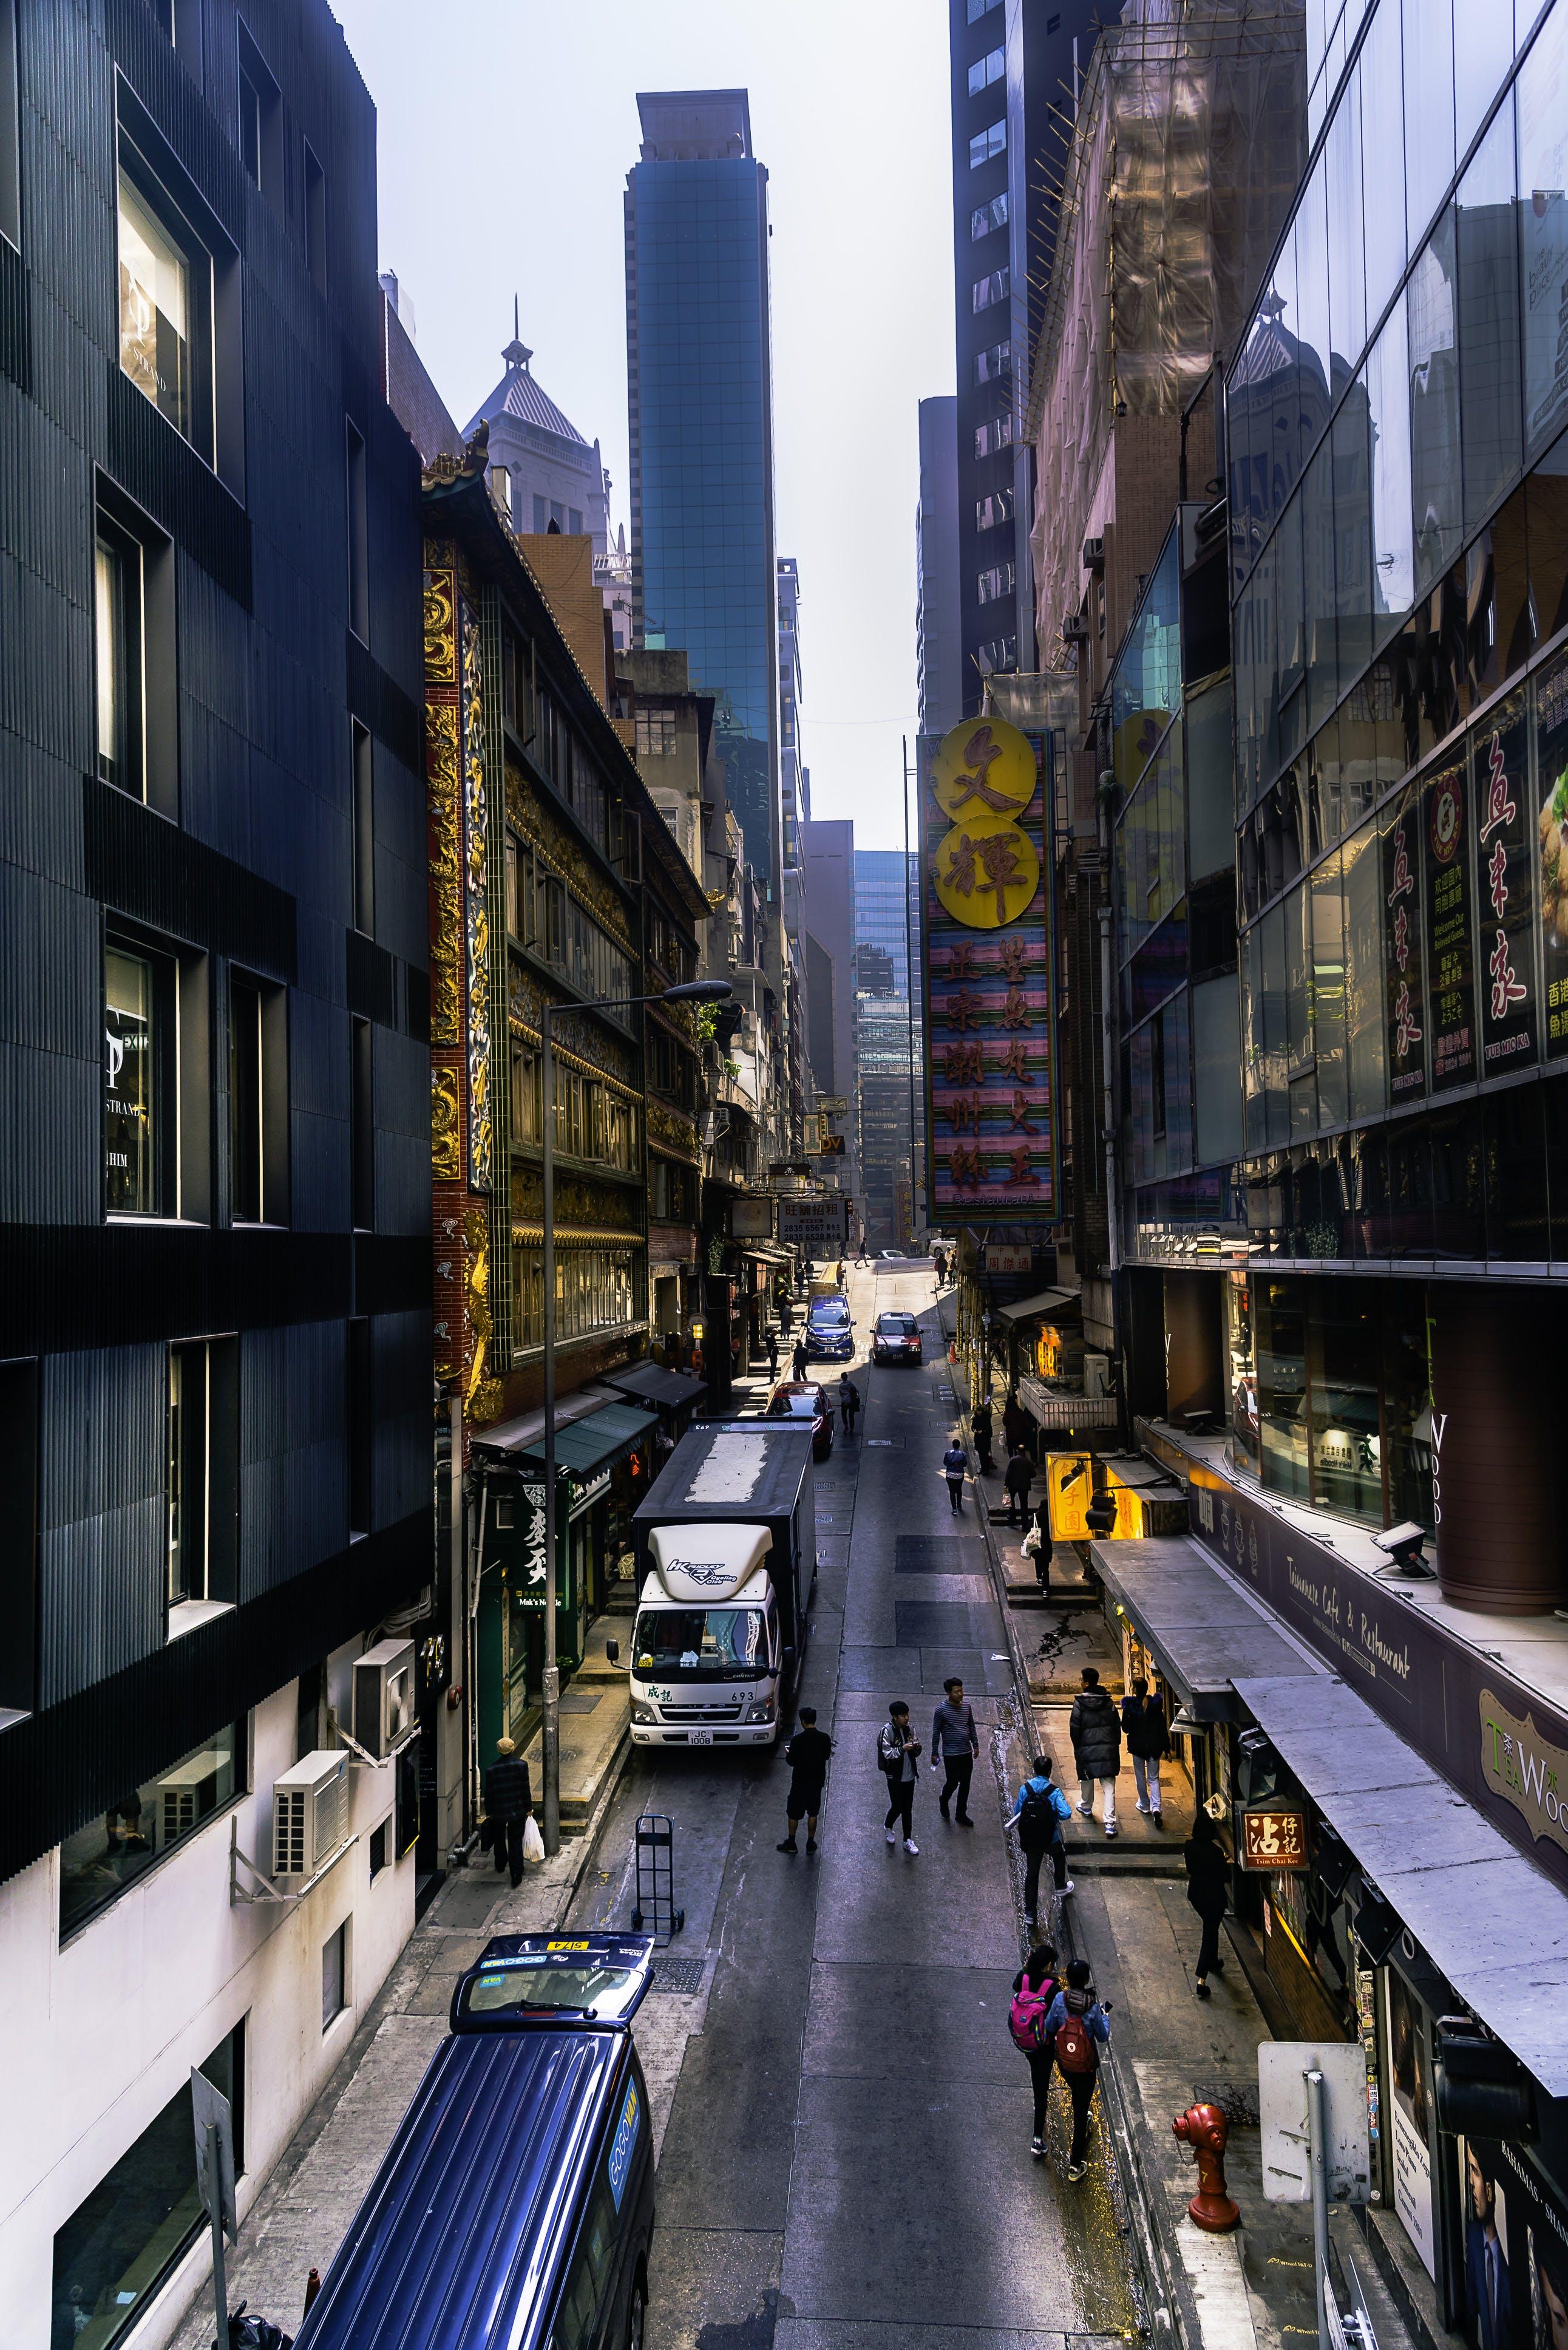 シティ, ダウンタウン, トラフィック, 乗り物の無料の写真素材